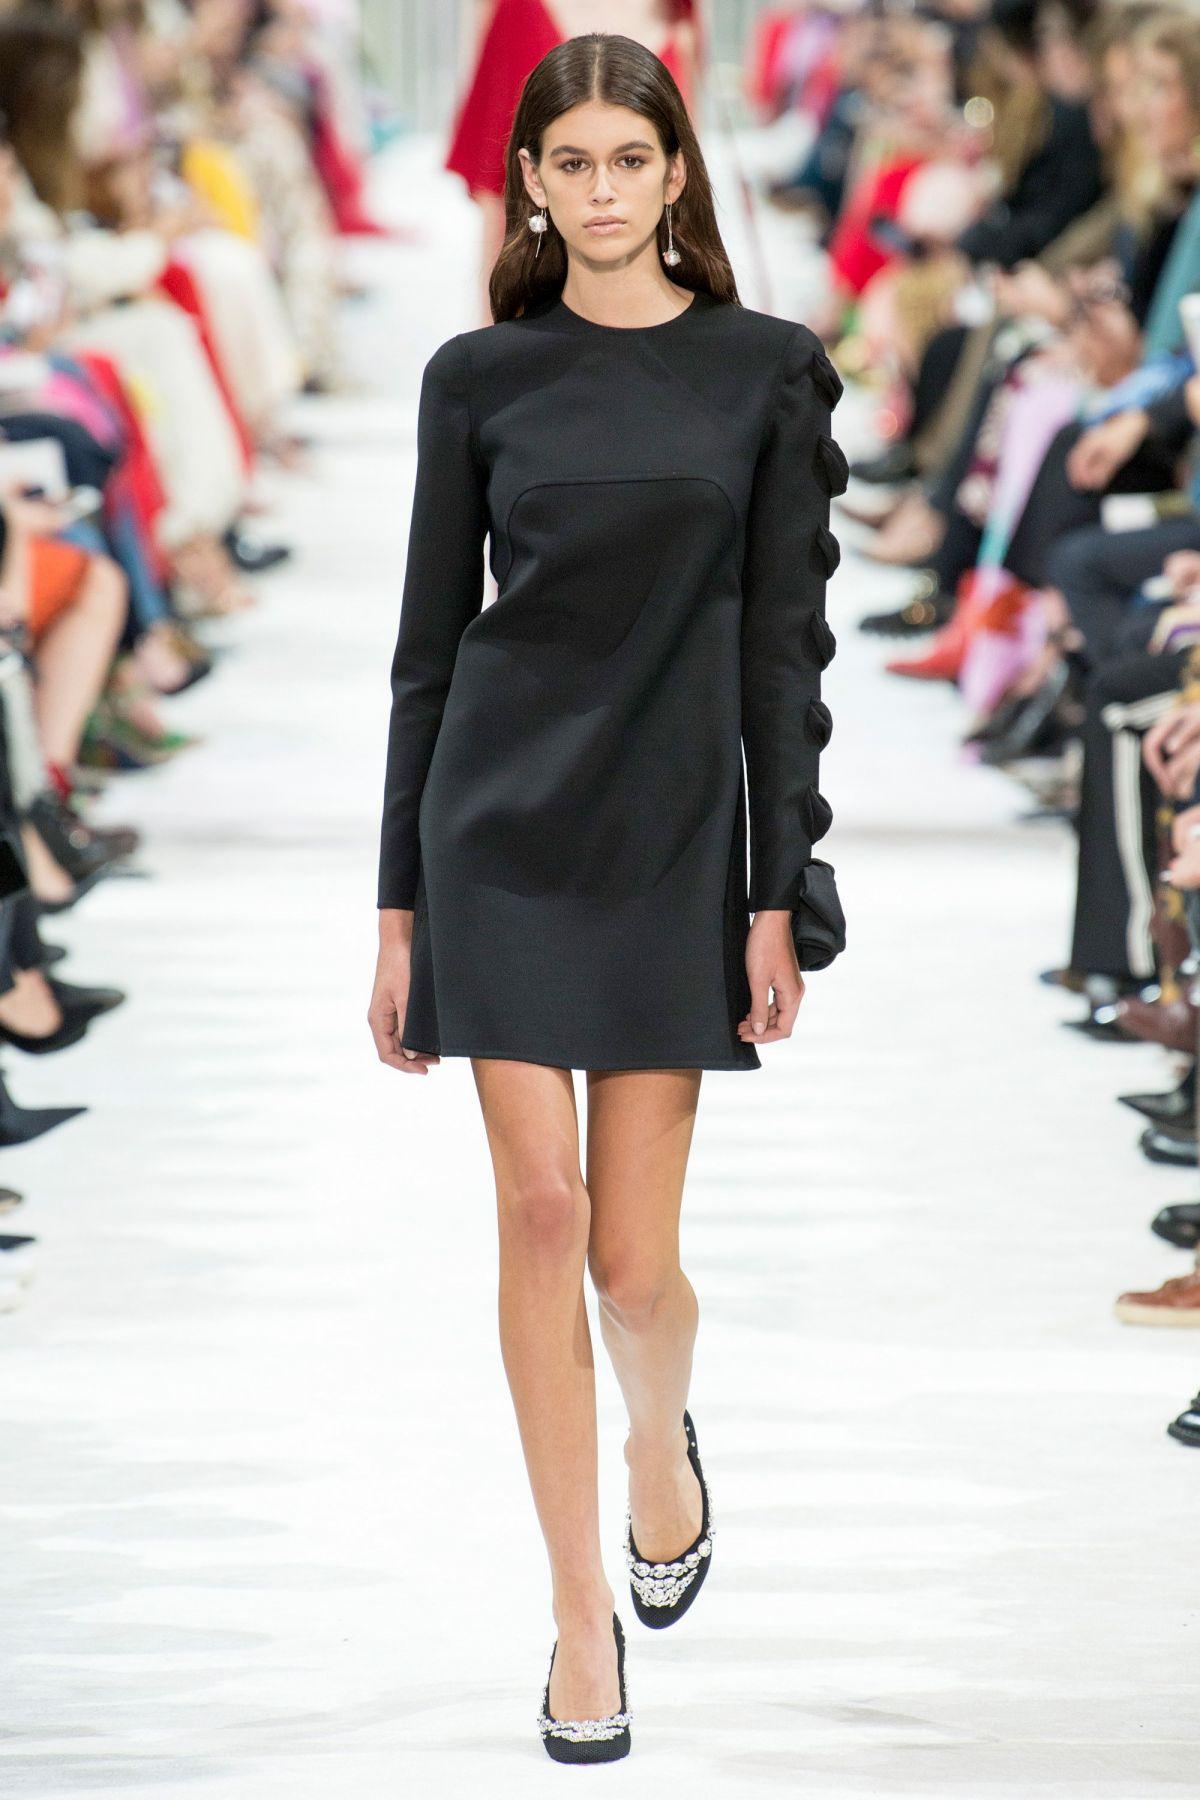 Kaia gerber at valentino runway show at paris fashion week for Runway fashion show video